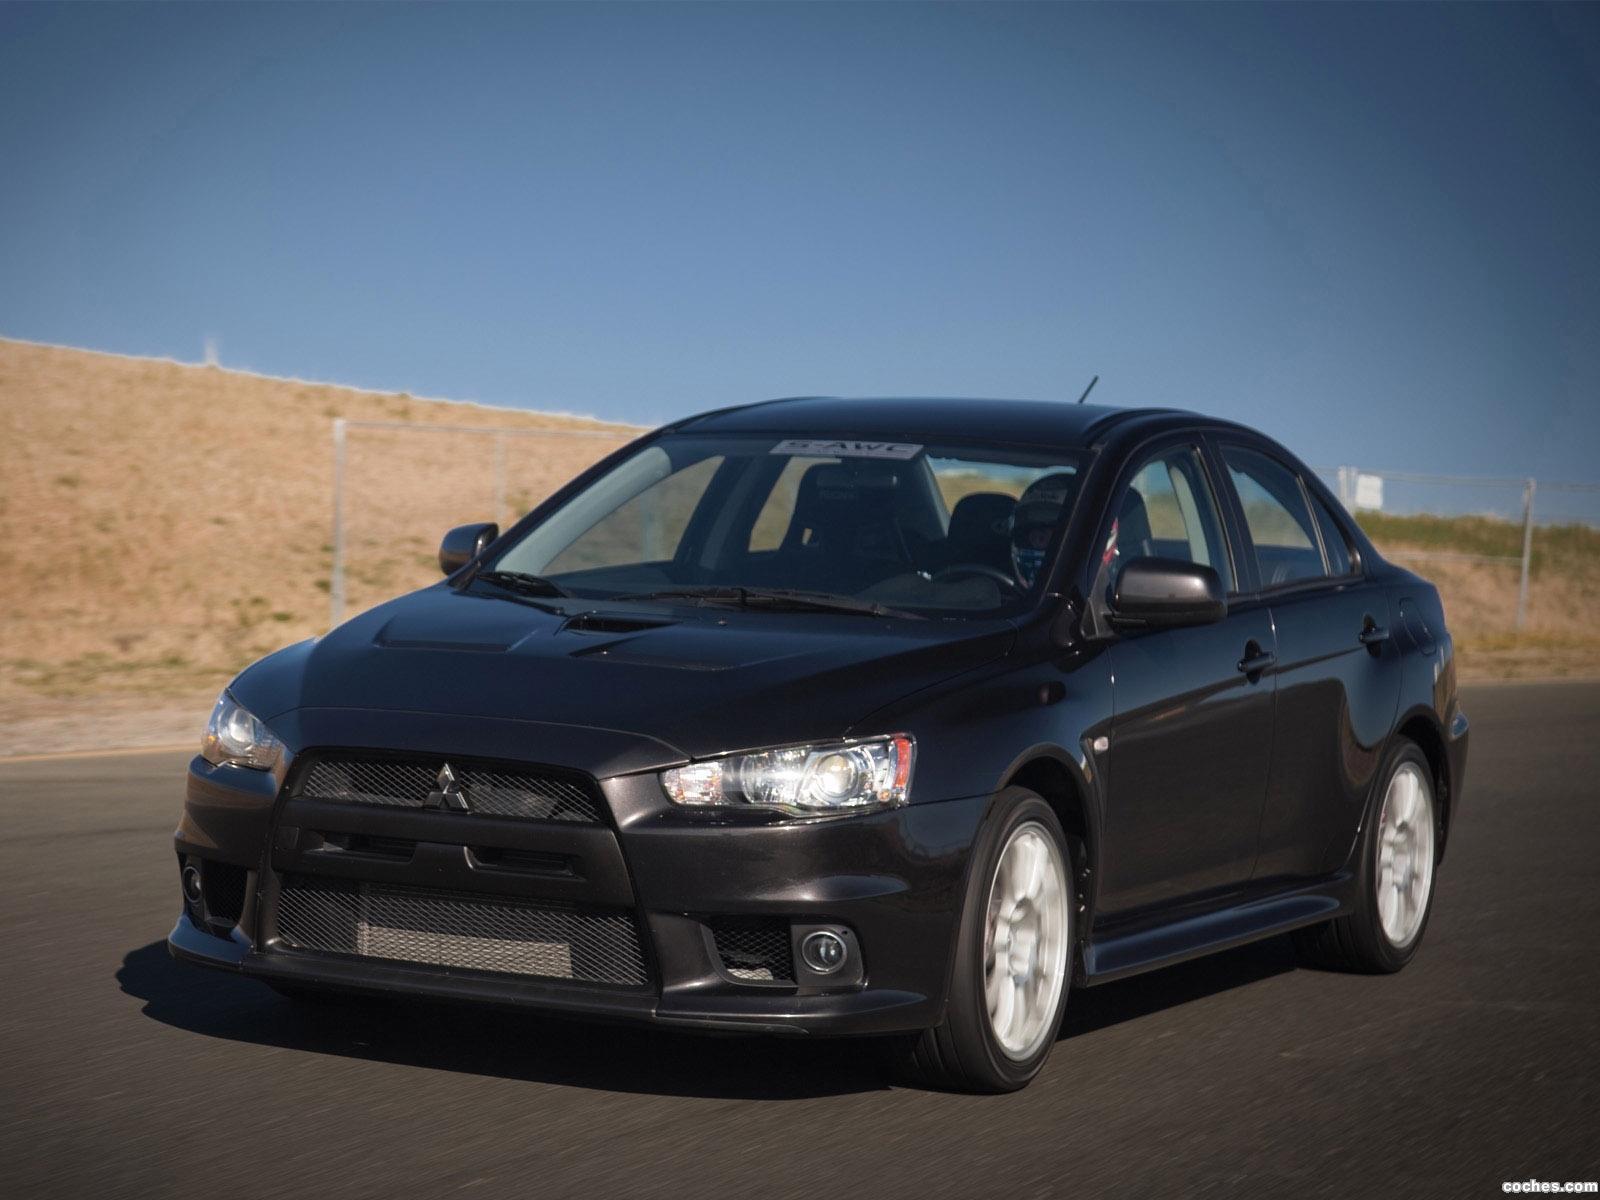 Foto 0 de Mitsubishi Lancer Evolution X SE USA 2009